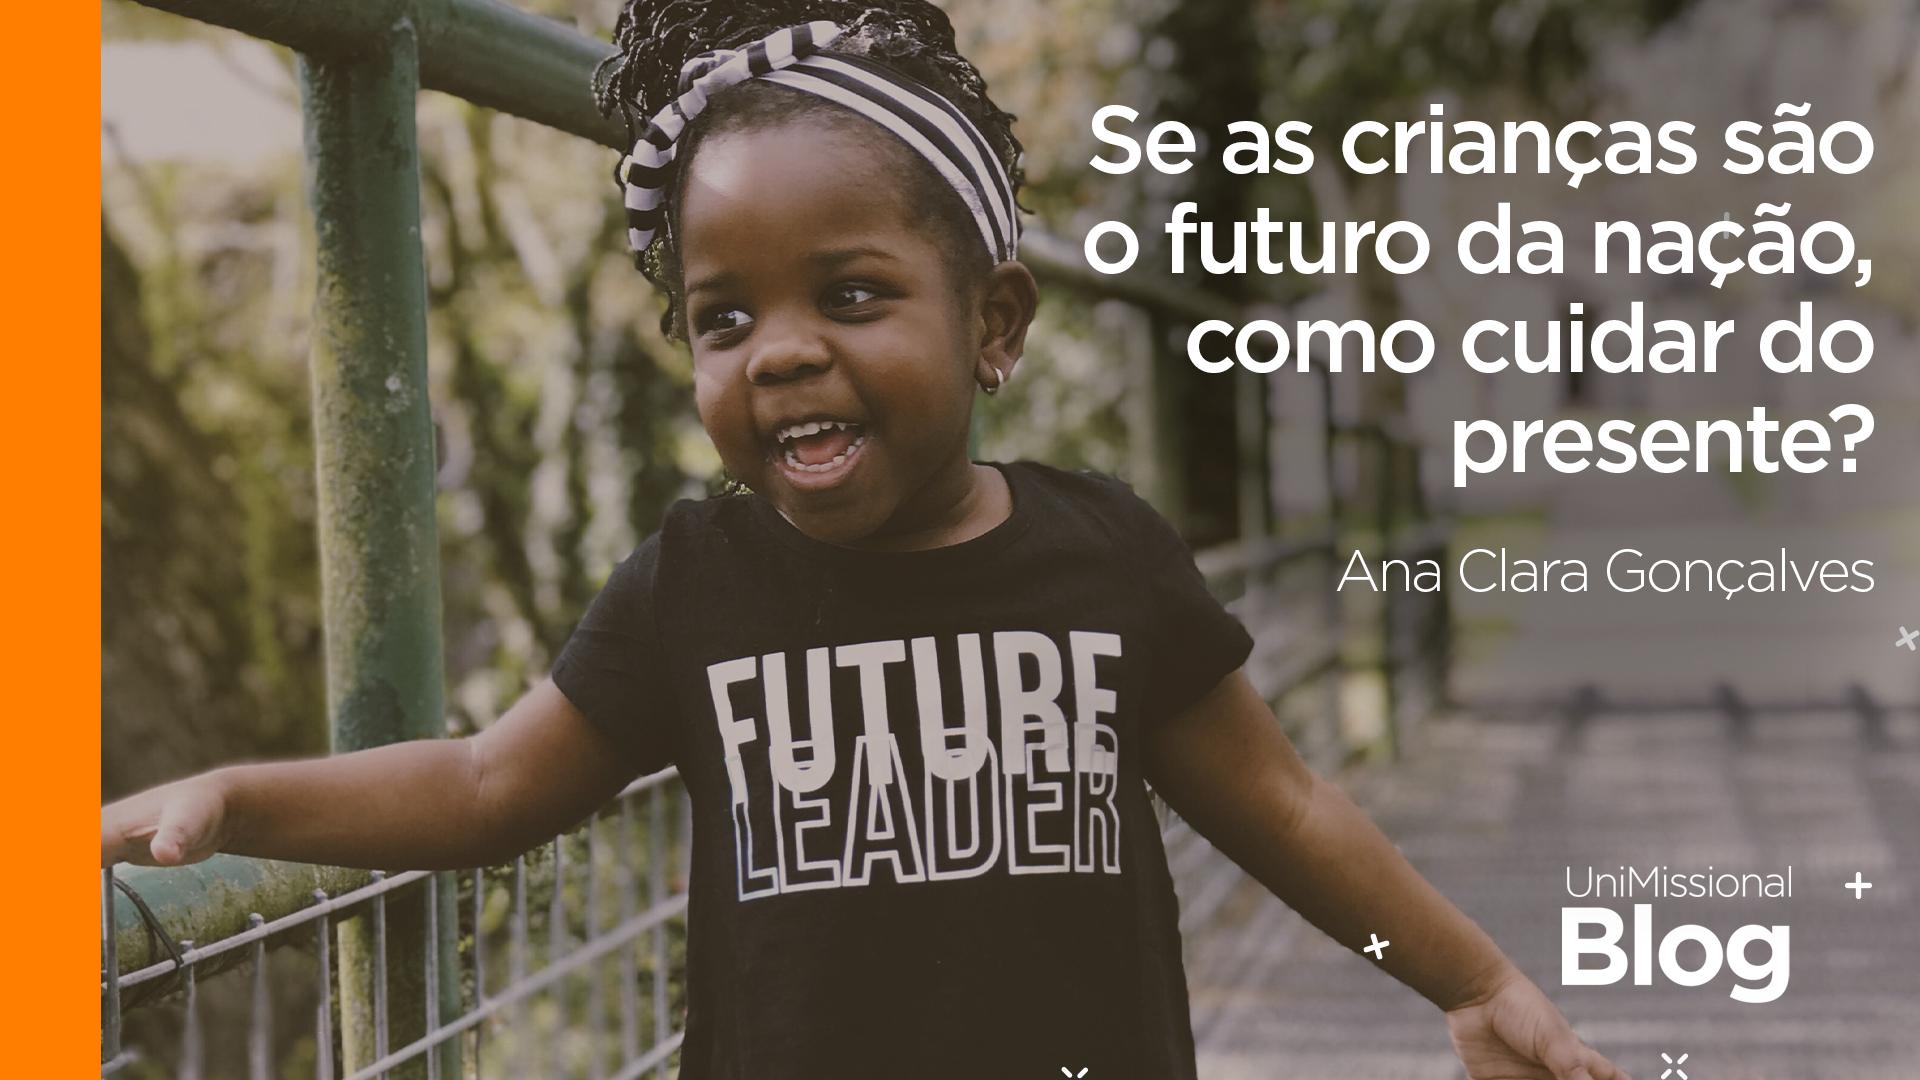 You are currently viewing Se as crianças são o futuro da nação, como cuidar do presente?